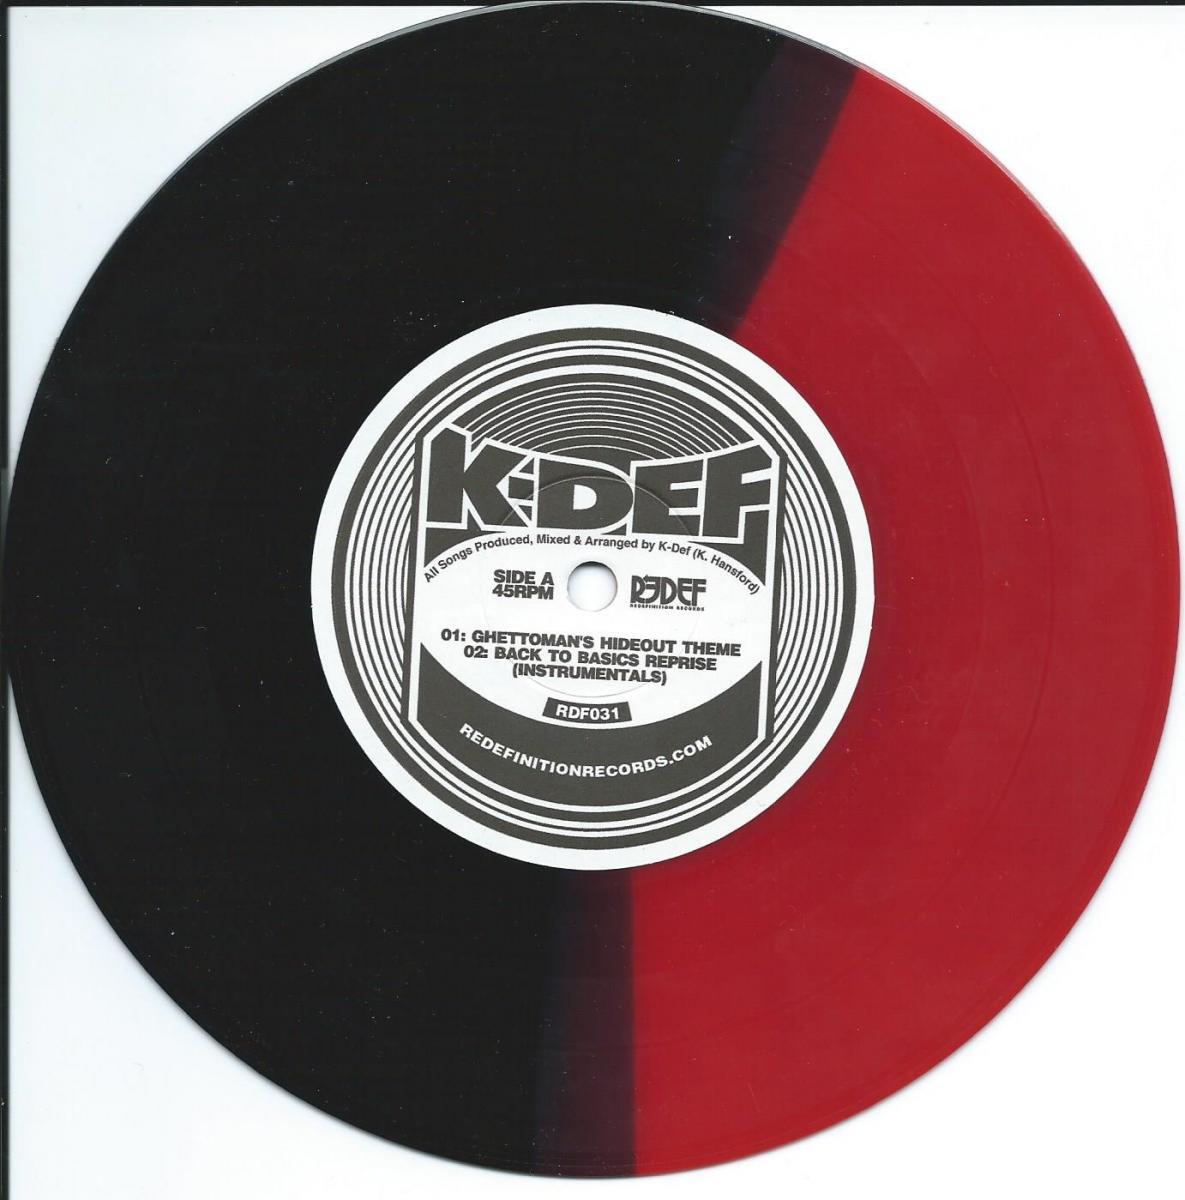 K-DEF / GHETTOMAN'S HIDEOUT THEME / COME TAKE A RIDE INSTRUMENTAL (7